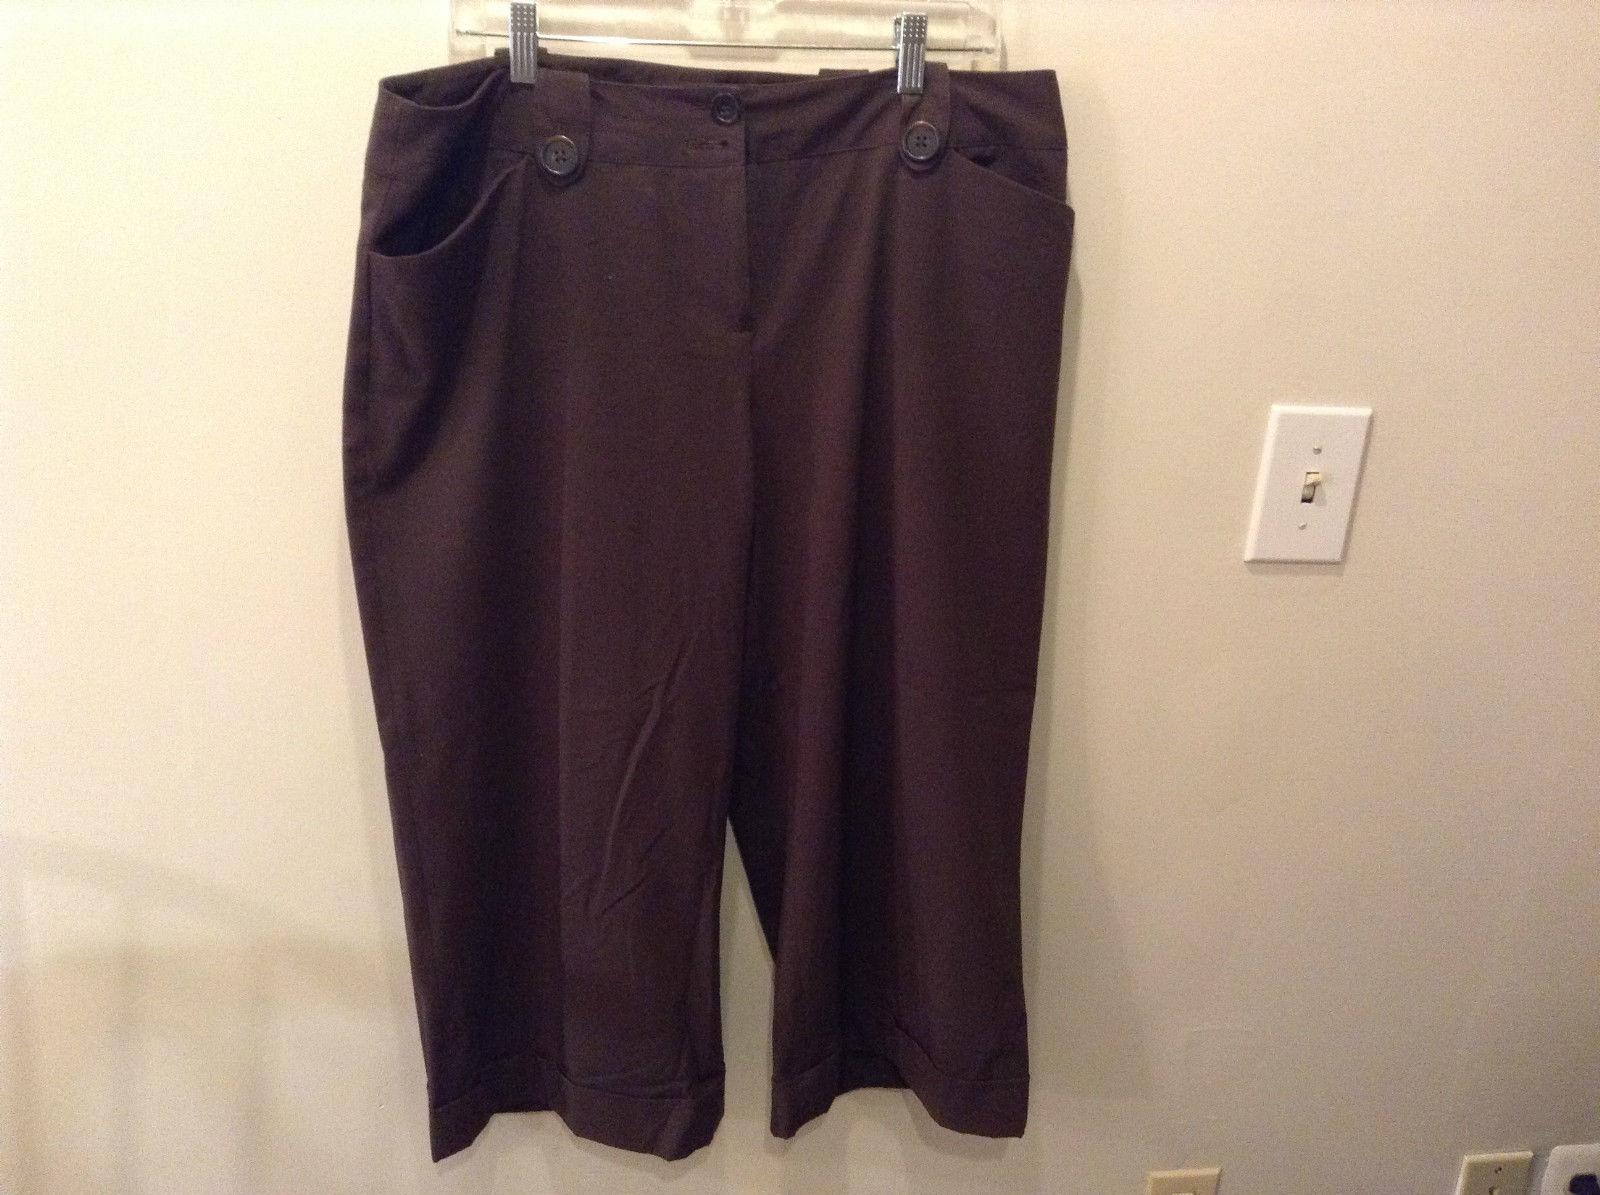 Chocolate Brown Apt 9 Capri Pants Size 16  Front Pockets Zipper Button Closure